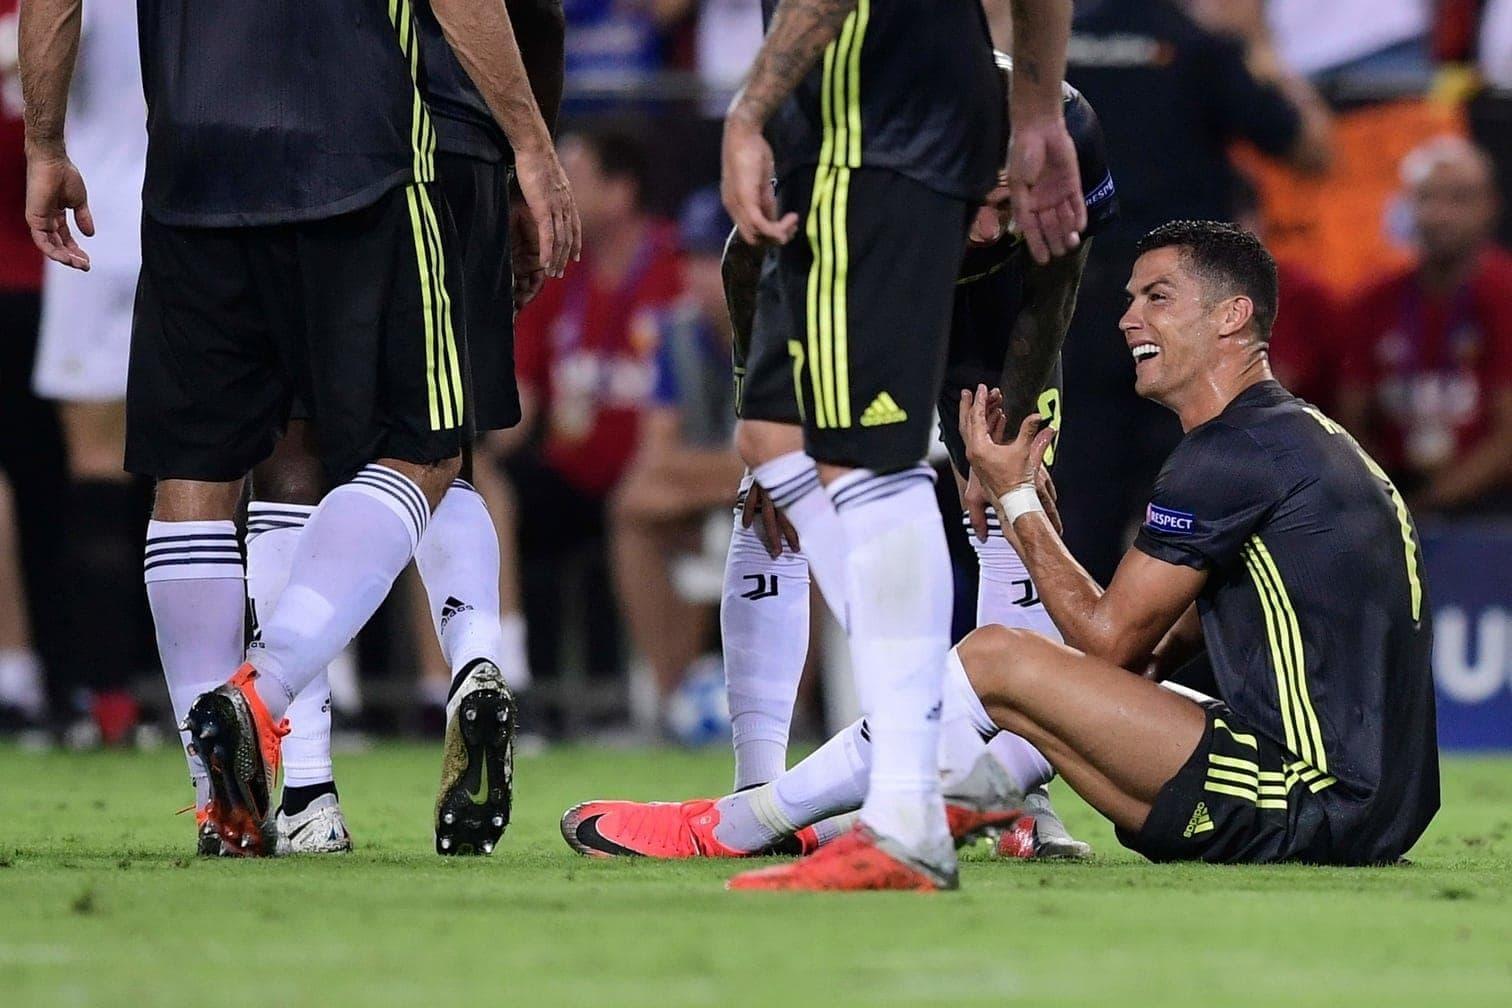 <p>Was für ein bitterer Auftakt: Eigentlich sollte Ronaldo das fehlende Puzzlestück für Juventus' Kampf um den Champions-League-Titel sein. Bei der Premiere im Juve-Trikot fliegt der Fußballstar allerdings vom Platz. In der Kritik steht nun ein Deutscher.</p> Foto: AFP